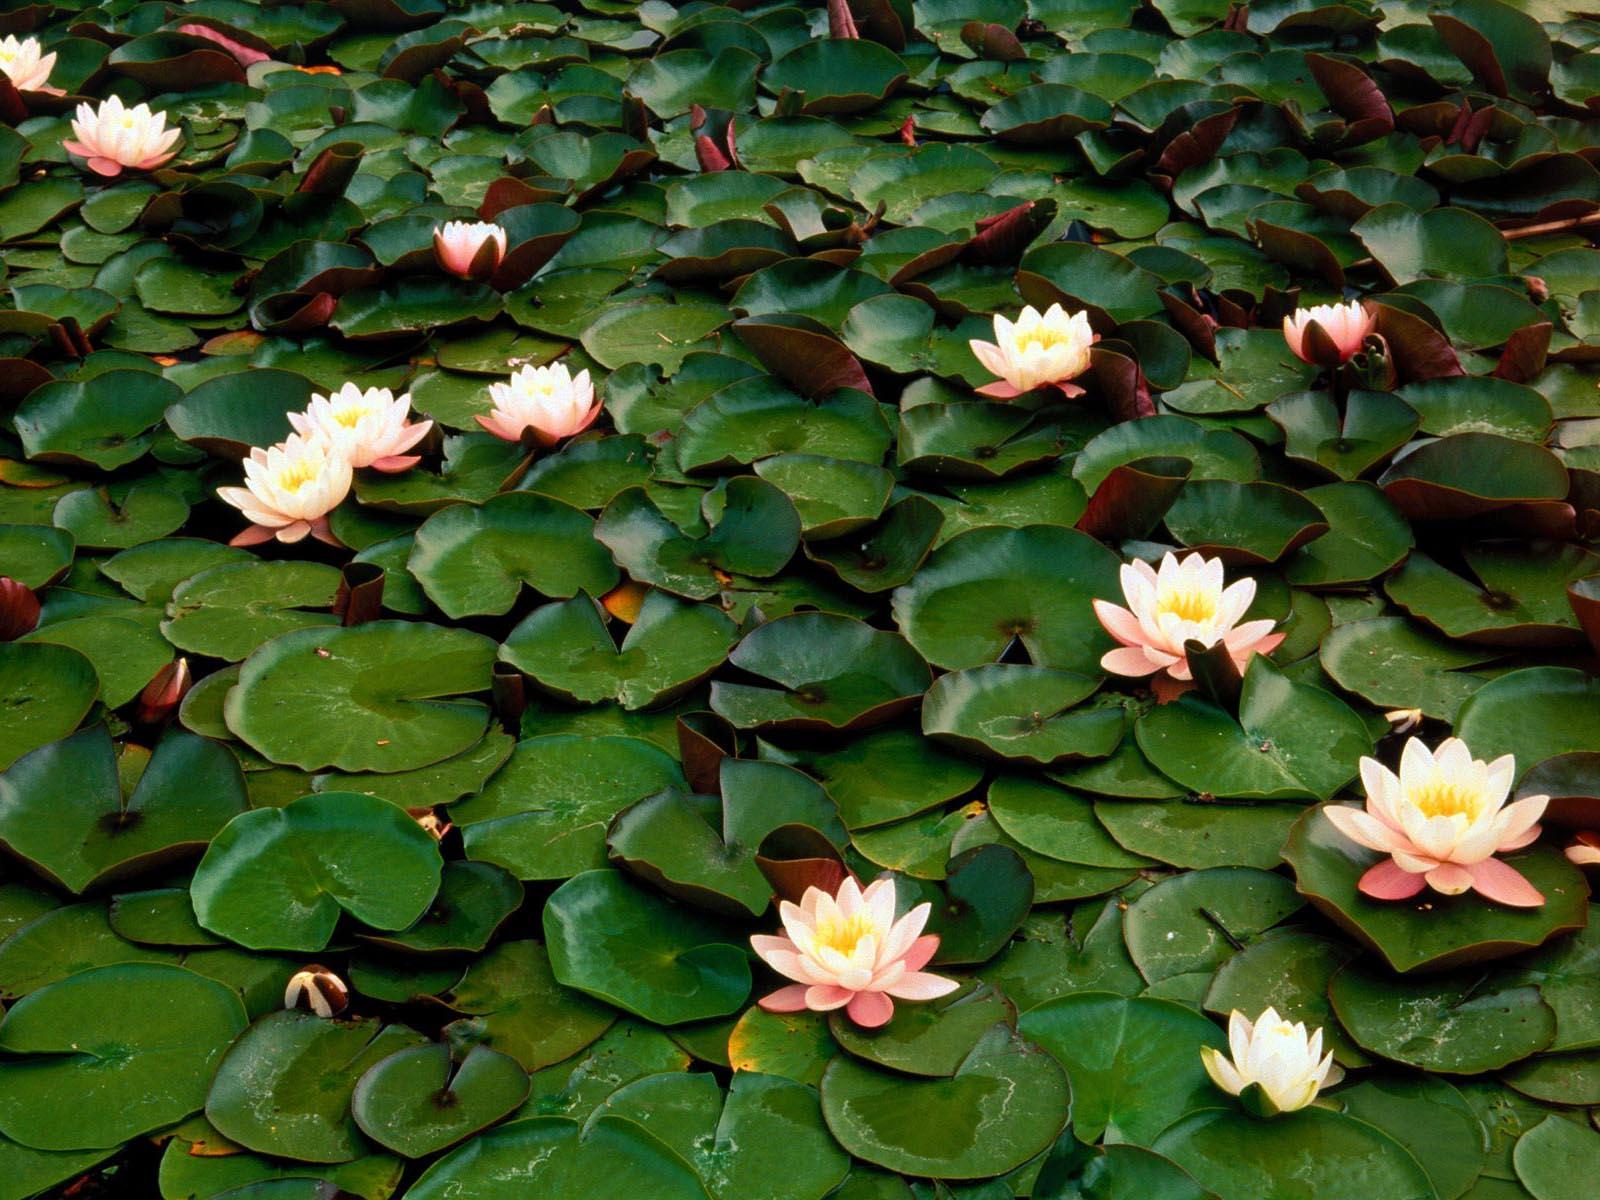 Water Flowers Hd Desktop Wallpapers 4k Hd